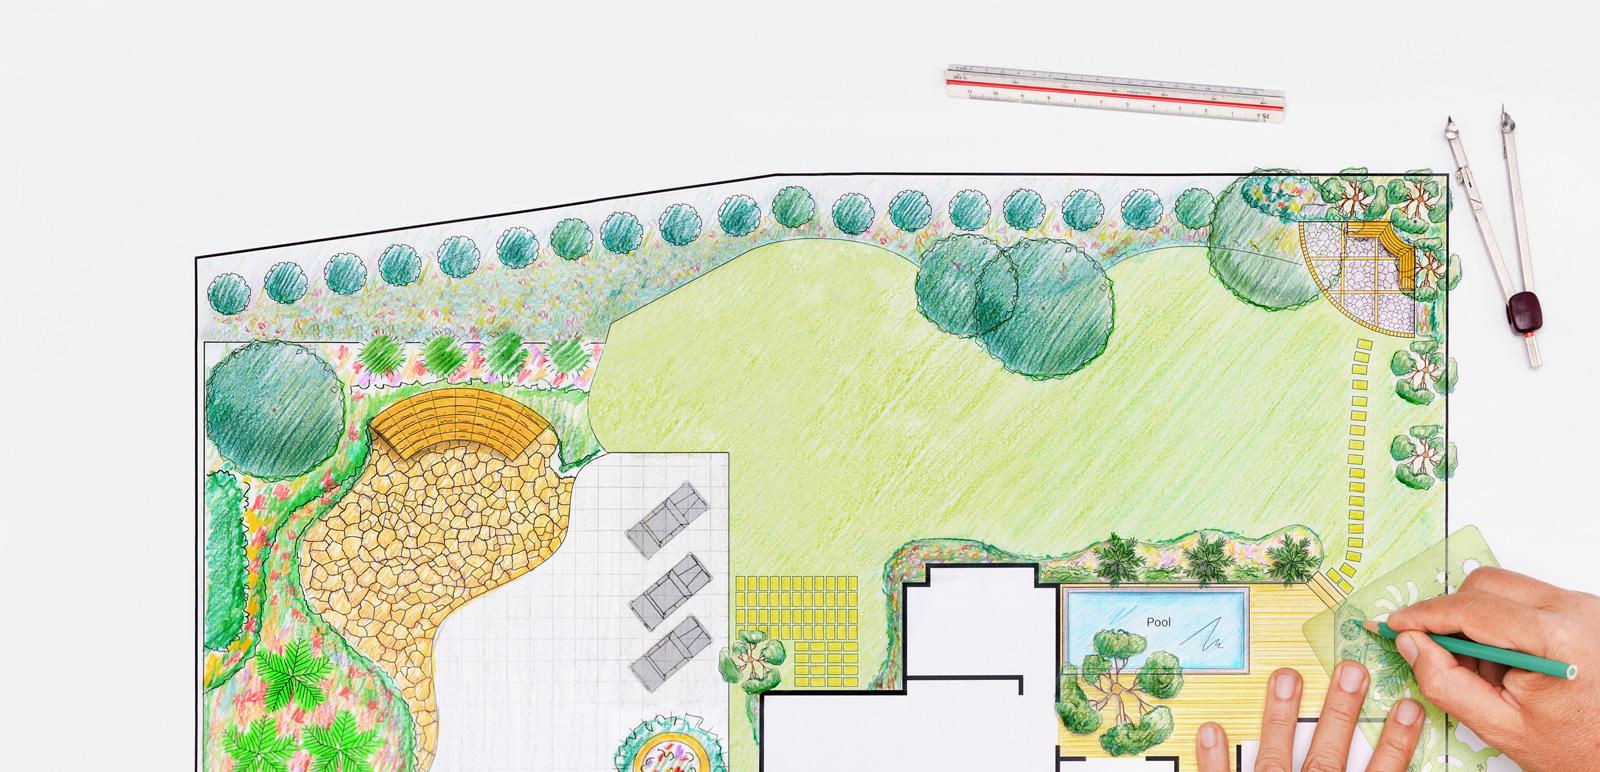 Ideensammlung: Skizzen, Moodboards und Grundrisszeichnungen helfen bei der Planung.